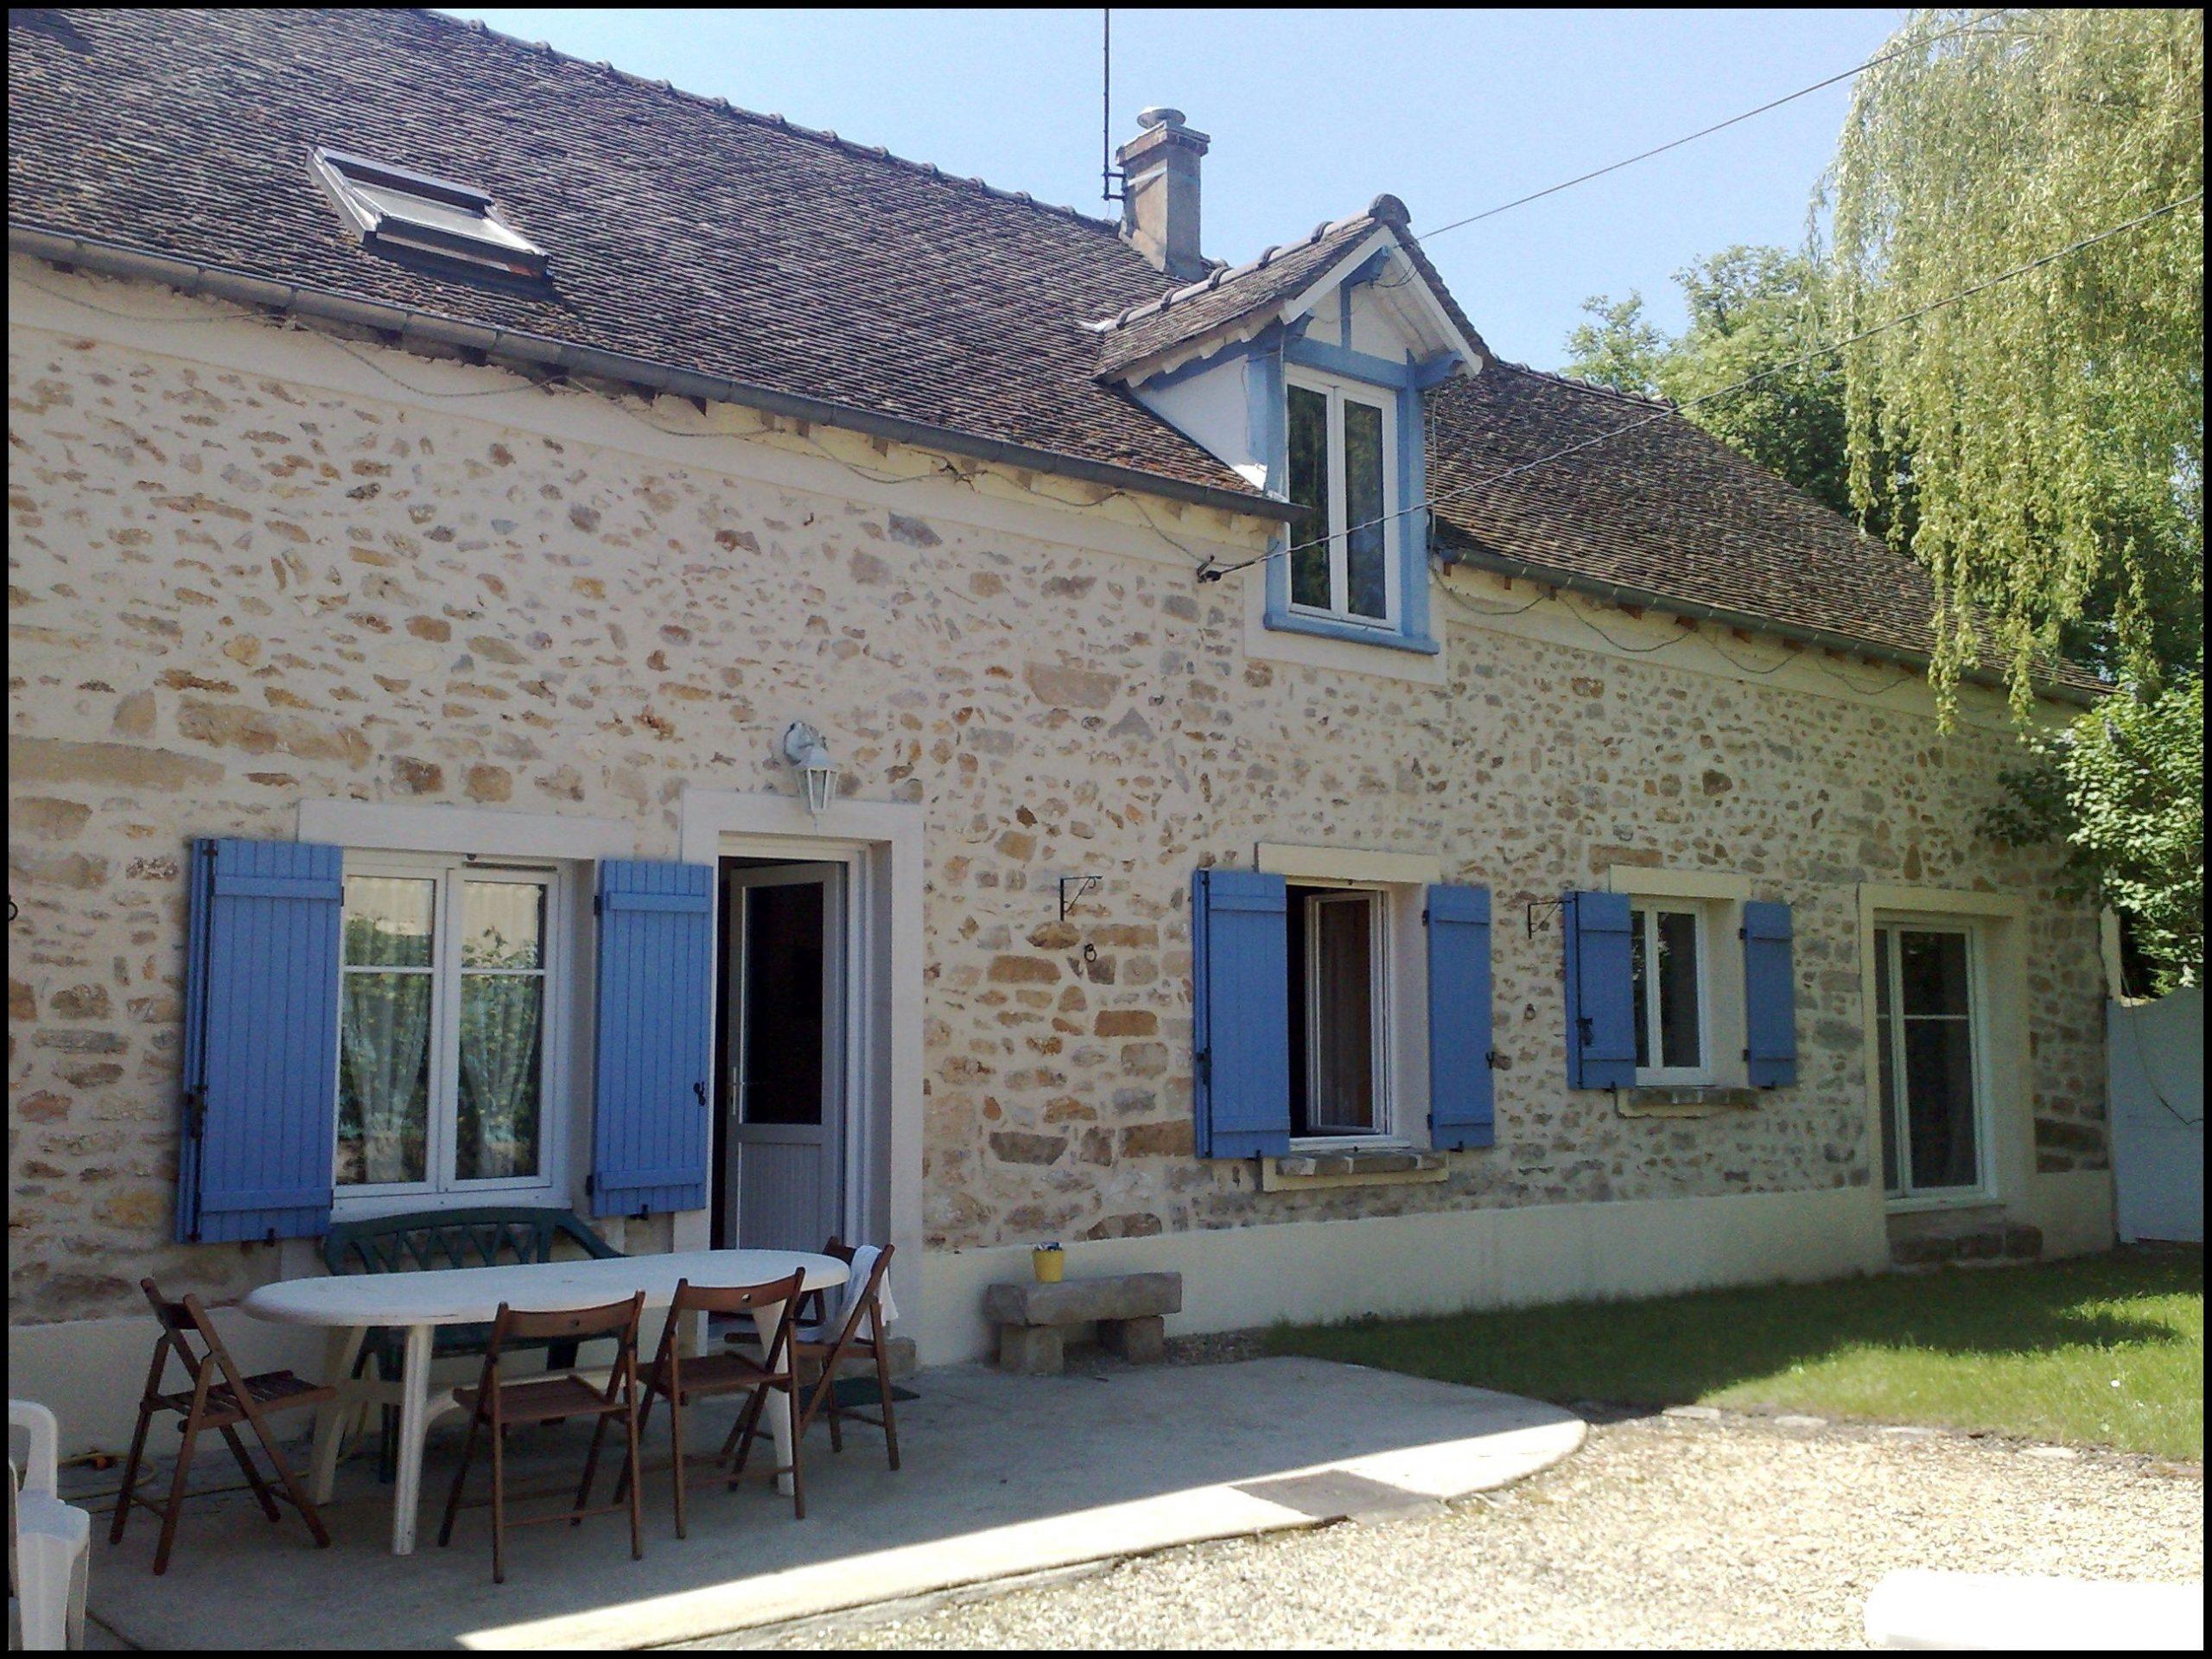 Lovely Le Bon Coin 13 Ventes Immobilieres | Maison A Vendre ... encequiconcerne Abri De Jardin Le Bon Coin